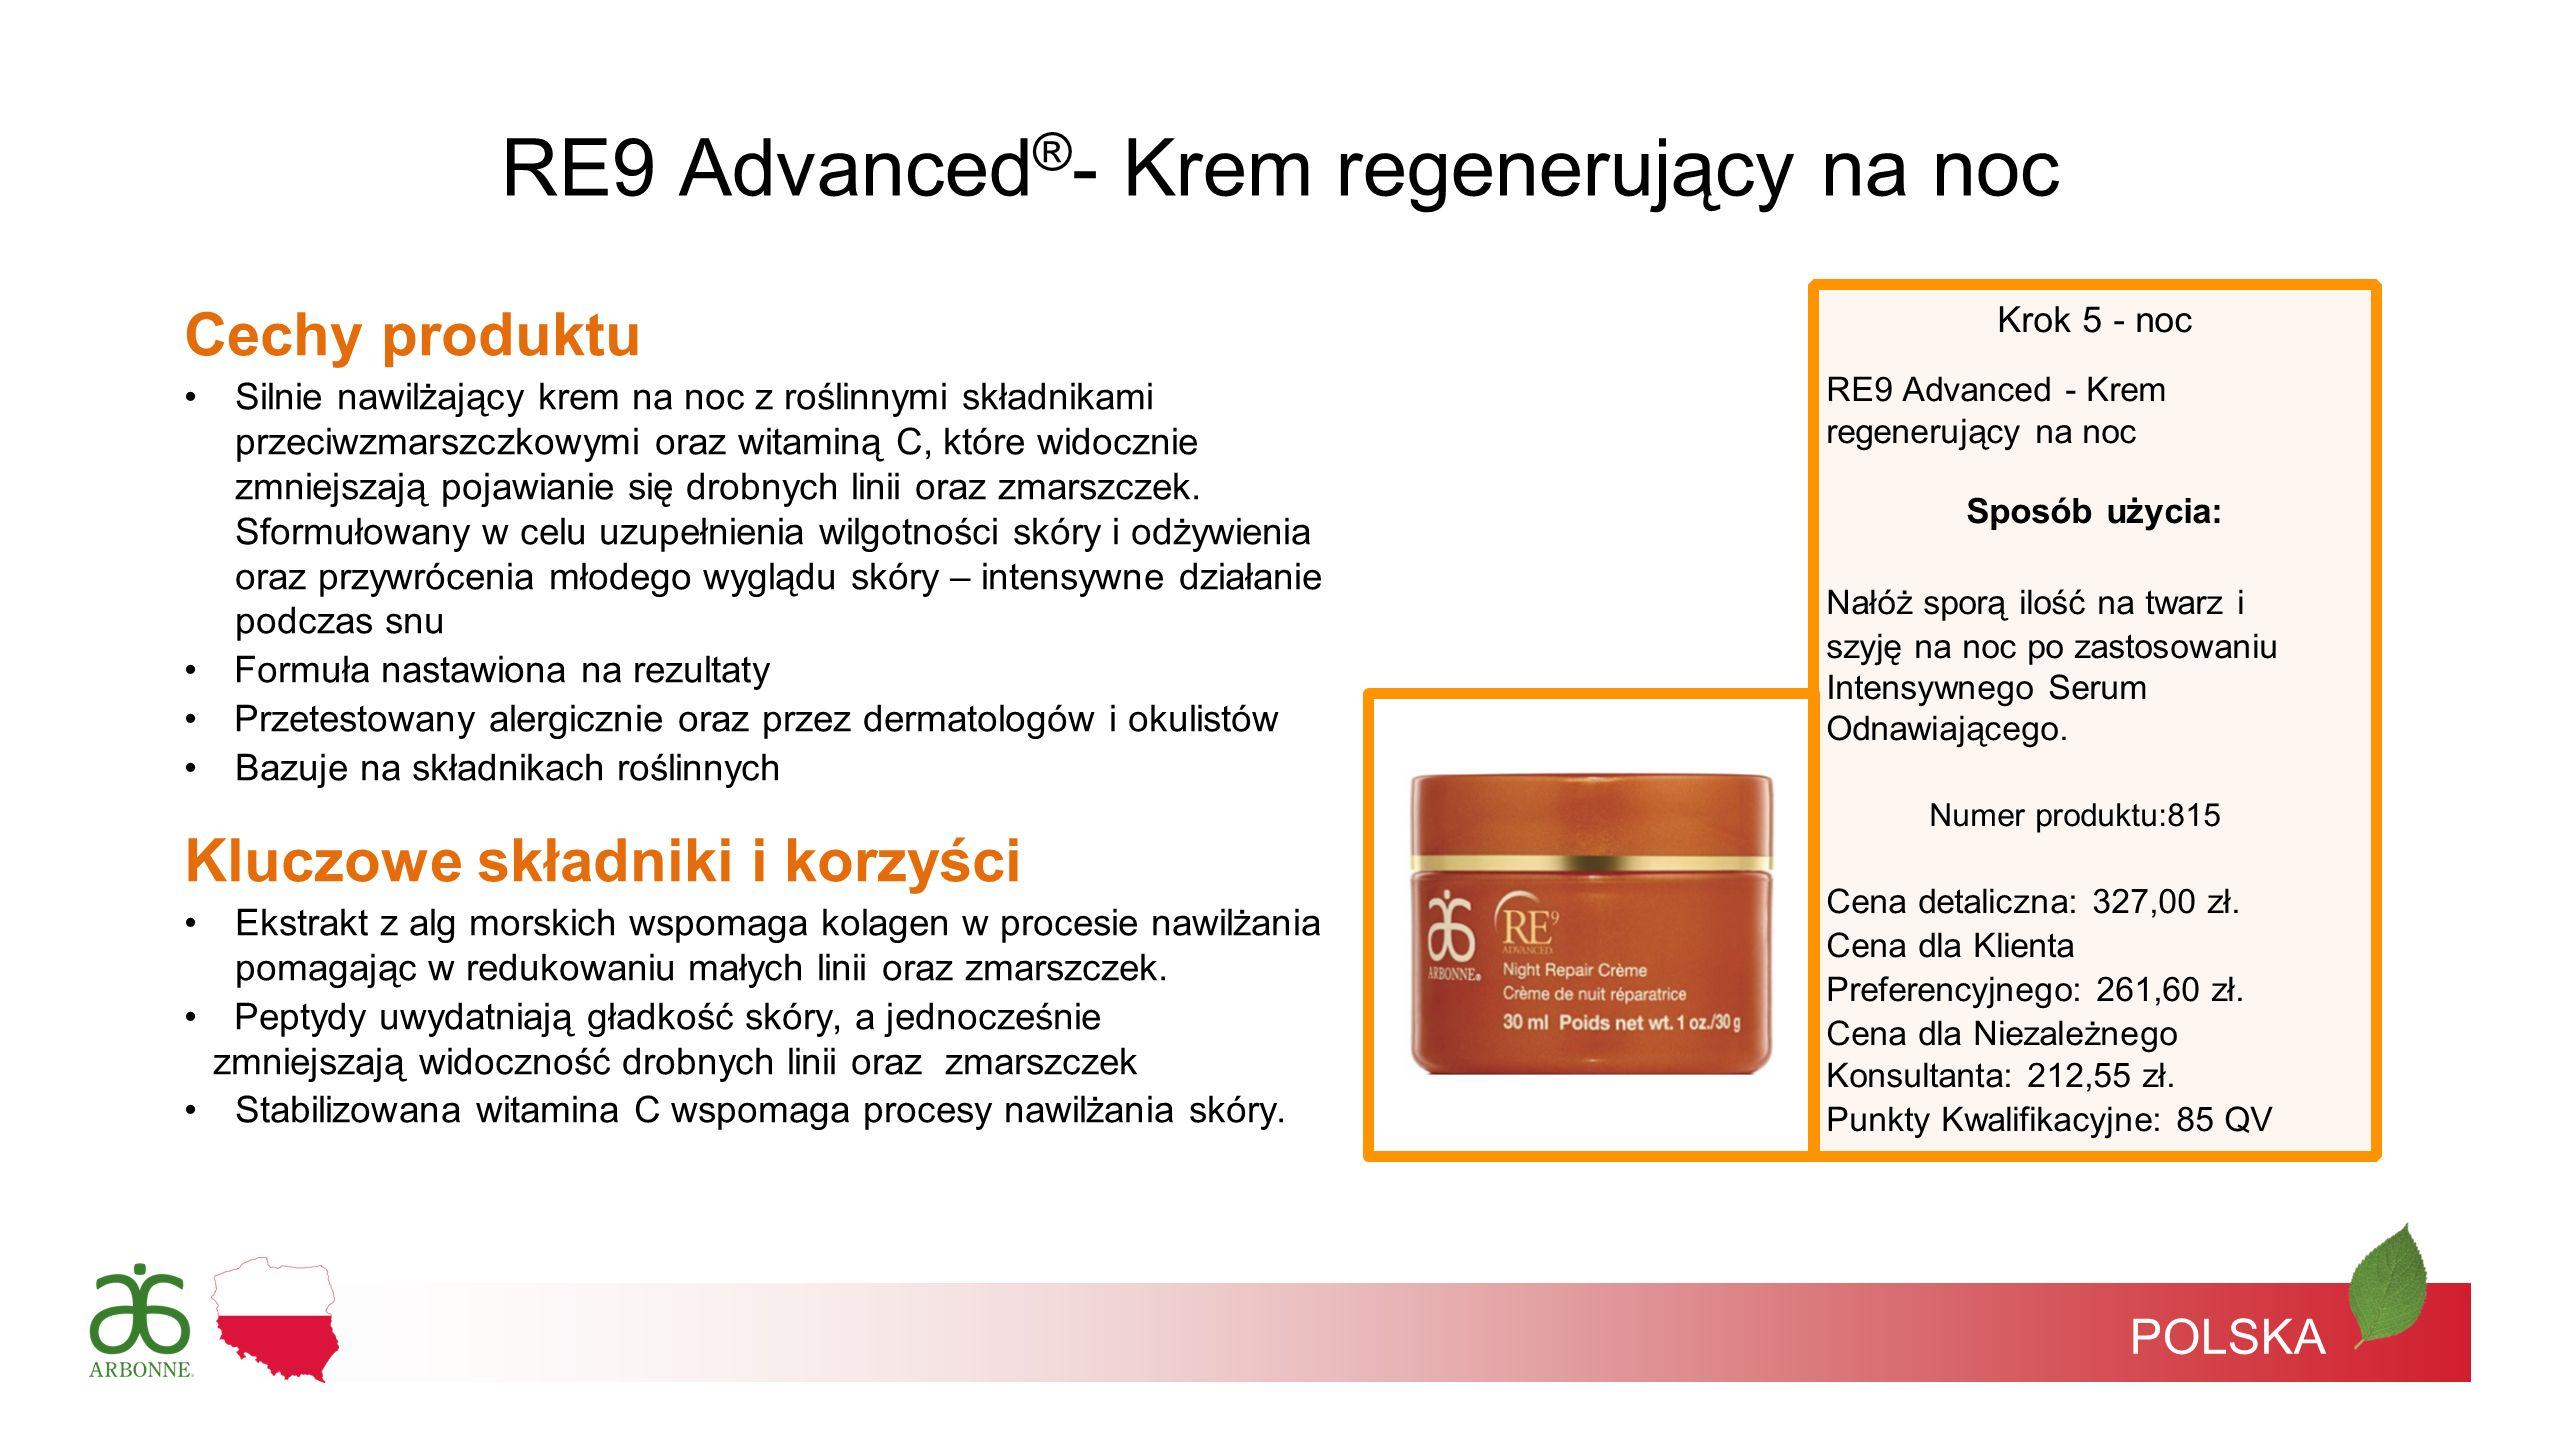 POLSKA Krok 5 - noc RE9 Advanced - Krem regenerujący na noc Sposób użycia: Nałóż sporą ilość na twarz i szyję na noc po zastosowaniu Intensywnego Seru